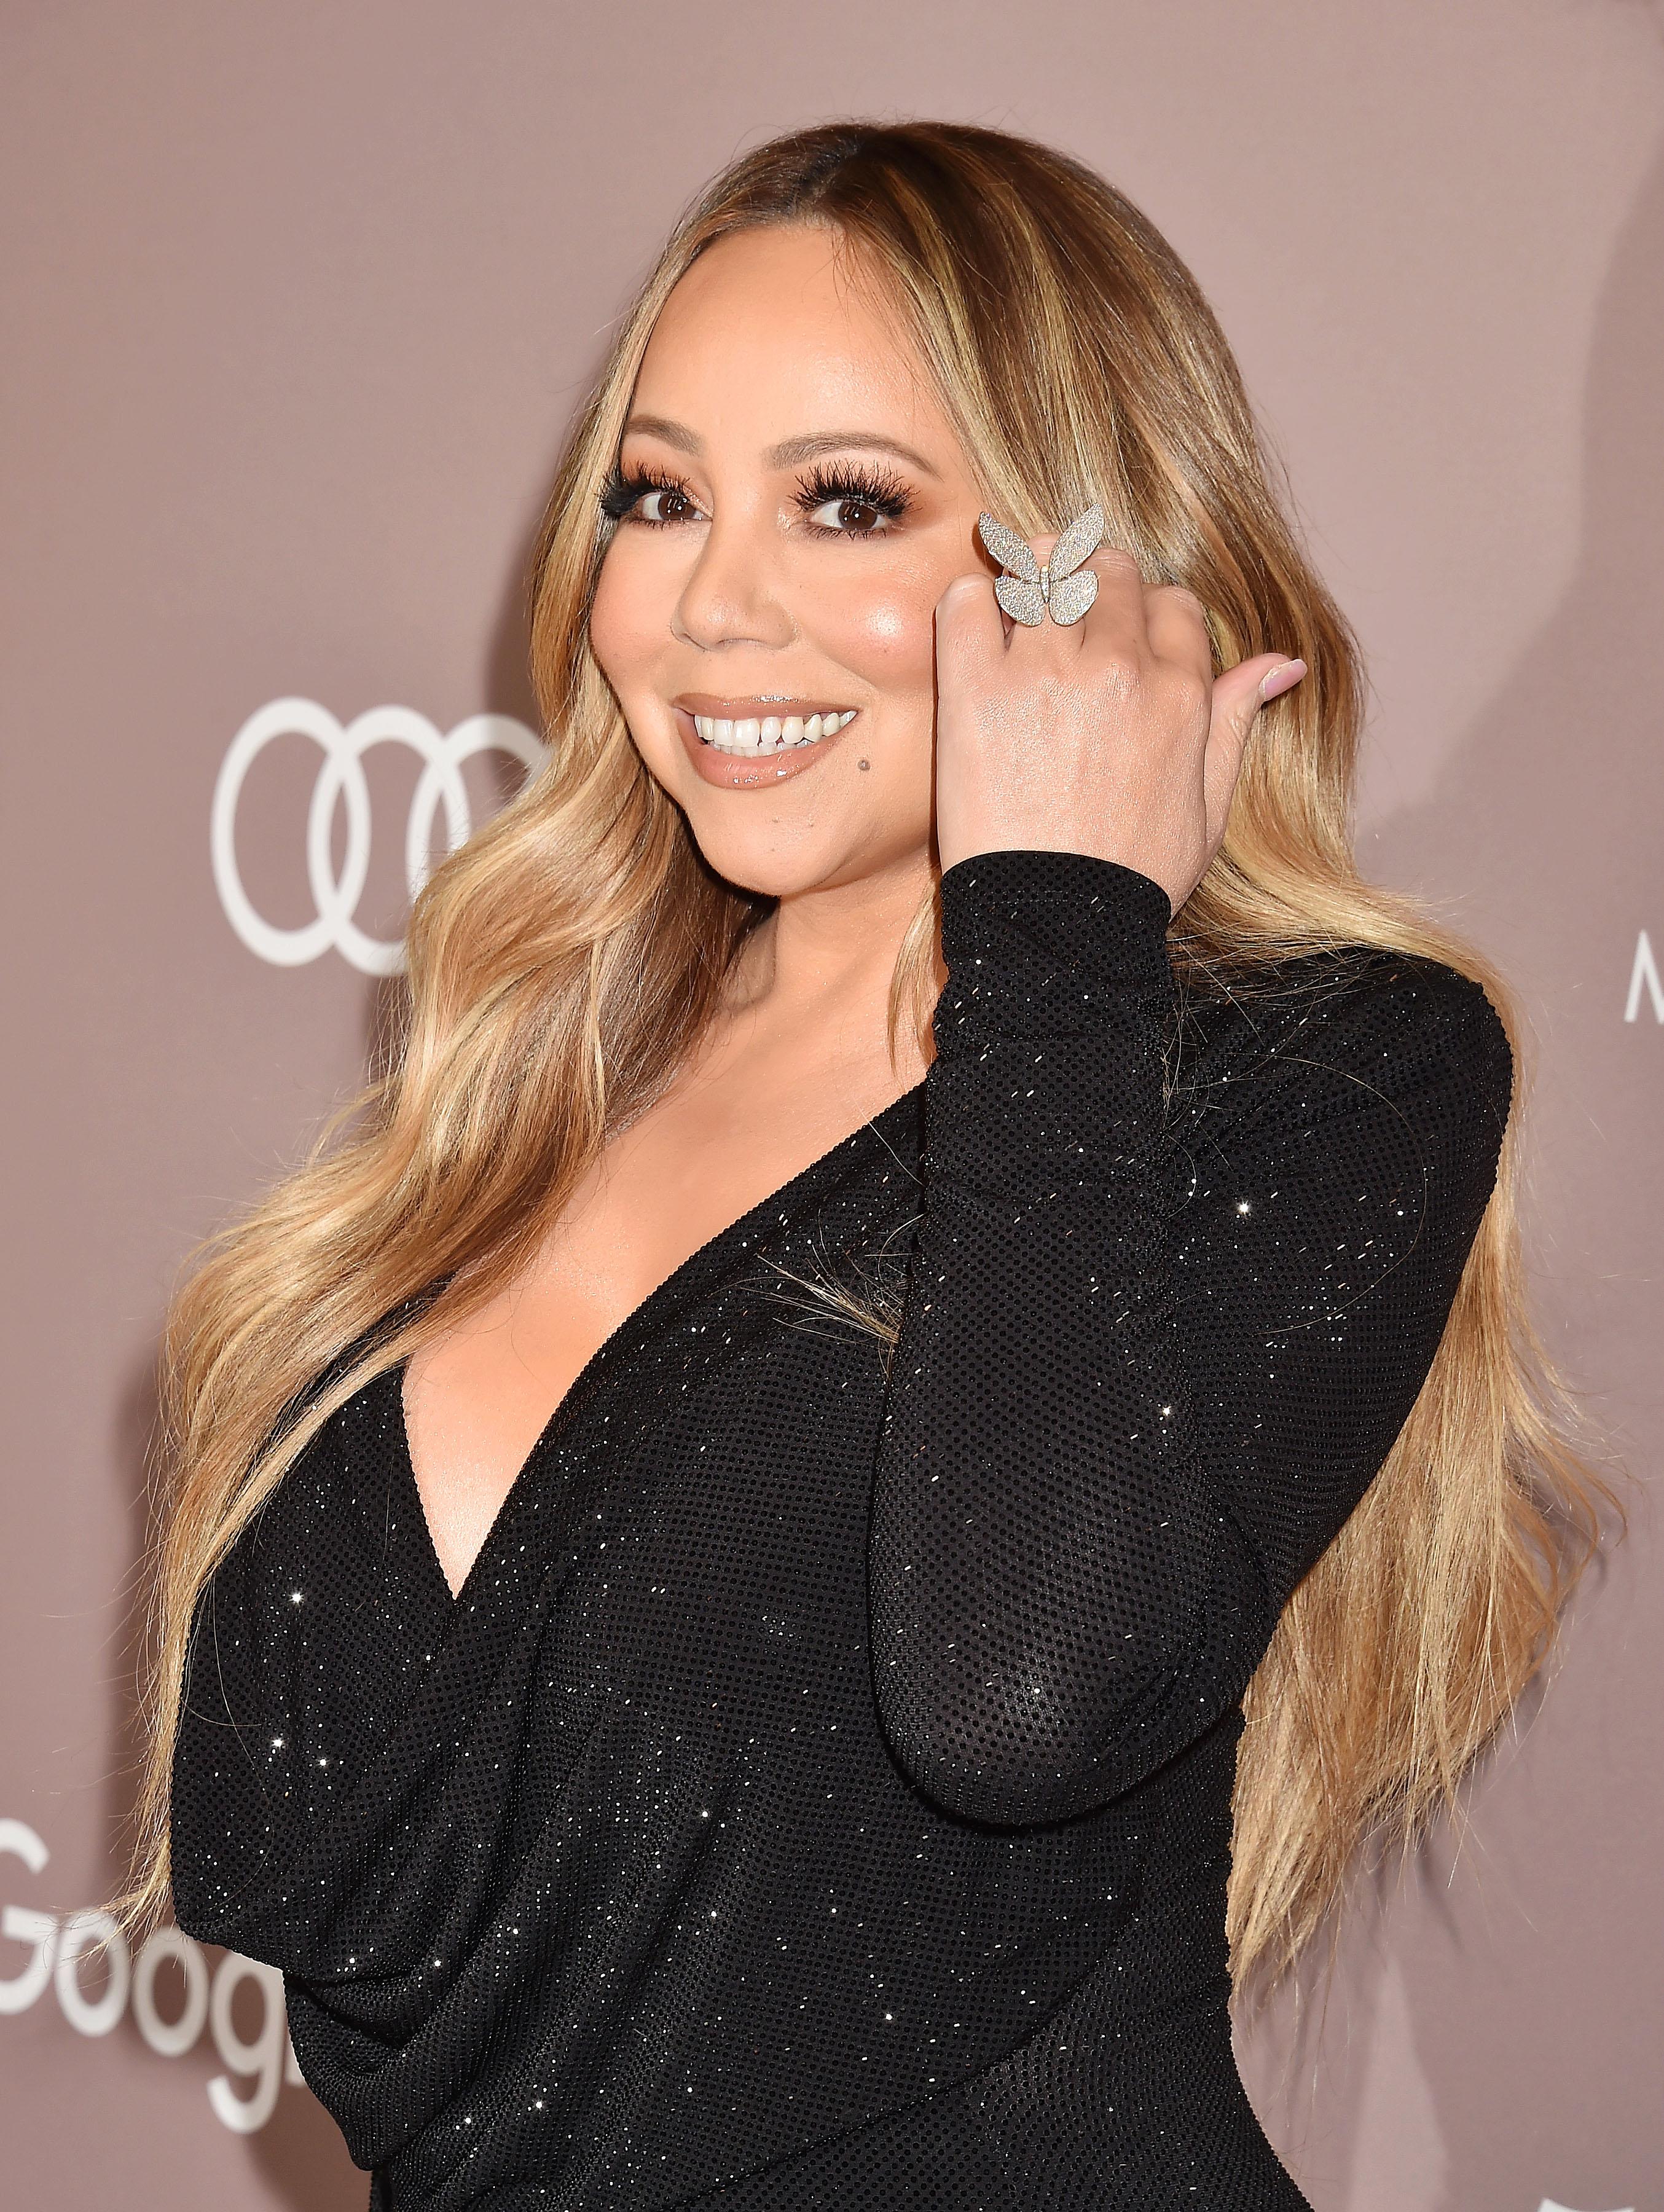 Η Mariah Carey μας πήγες πίσω στα 90's με αυτό το χτένισμα. Μαντεύεις ποιο είναι;